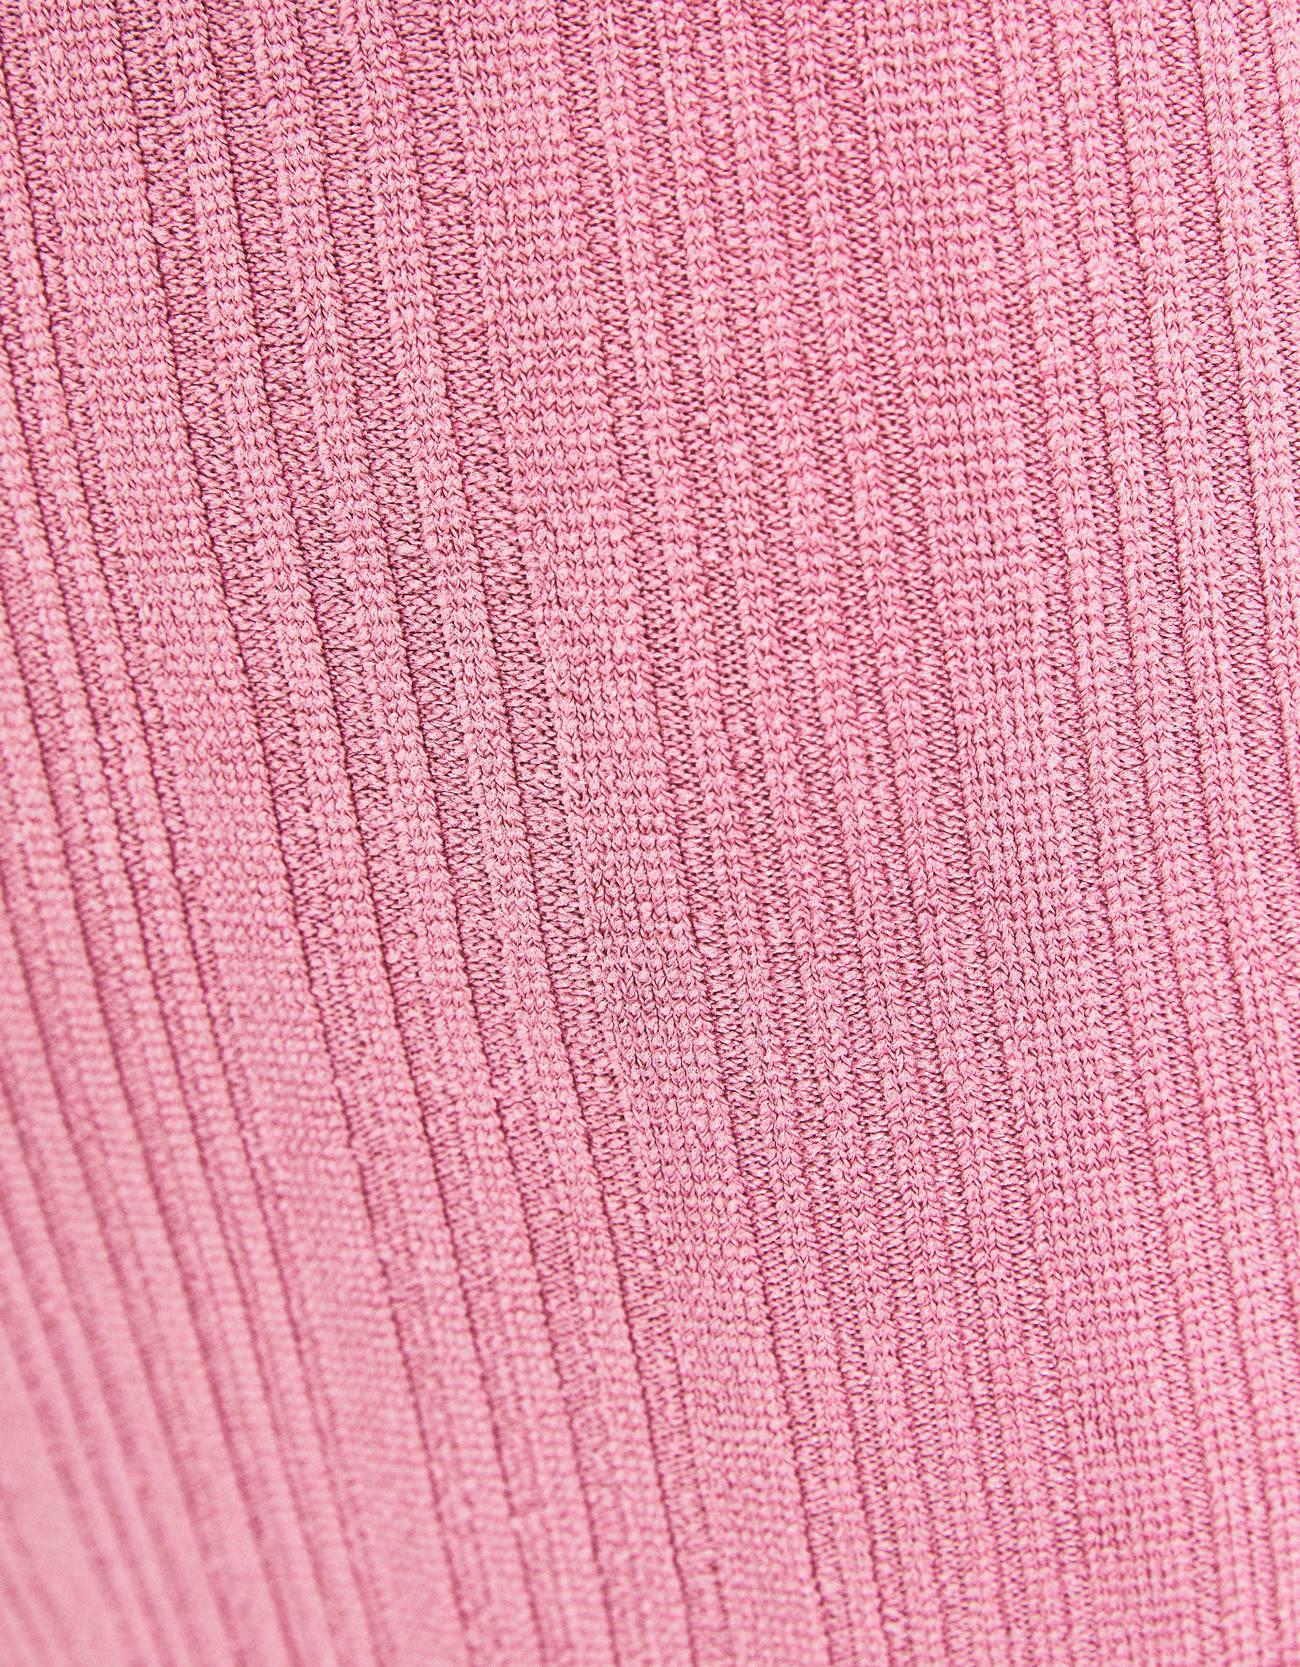 Брюки-клеш из трикотажа в рубчик Розовый Bershka